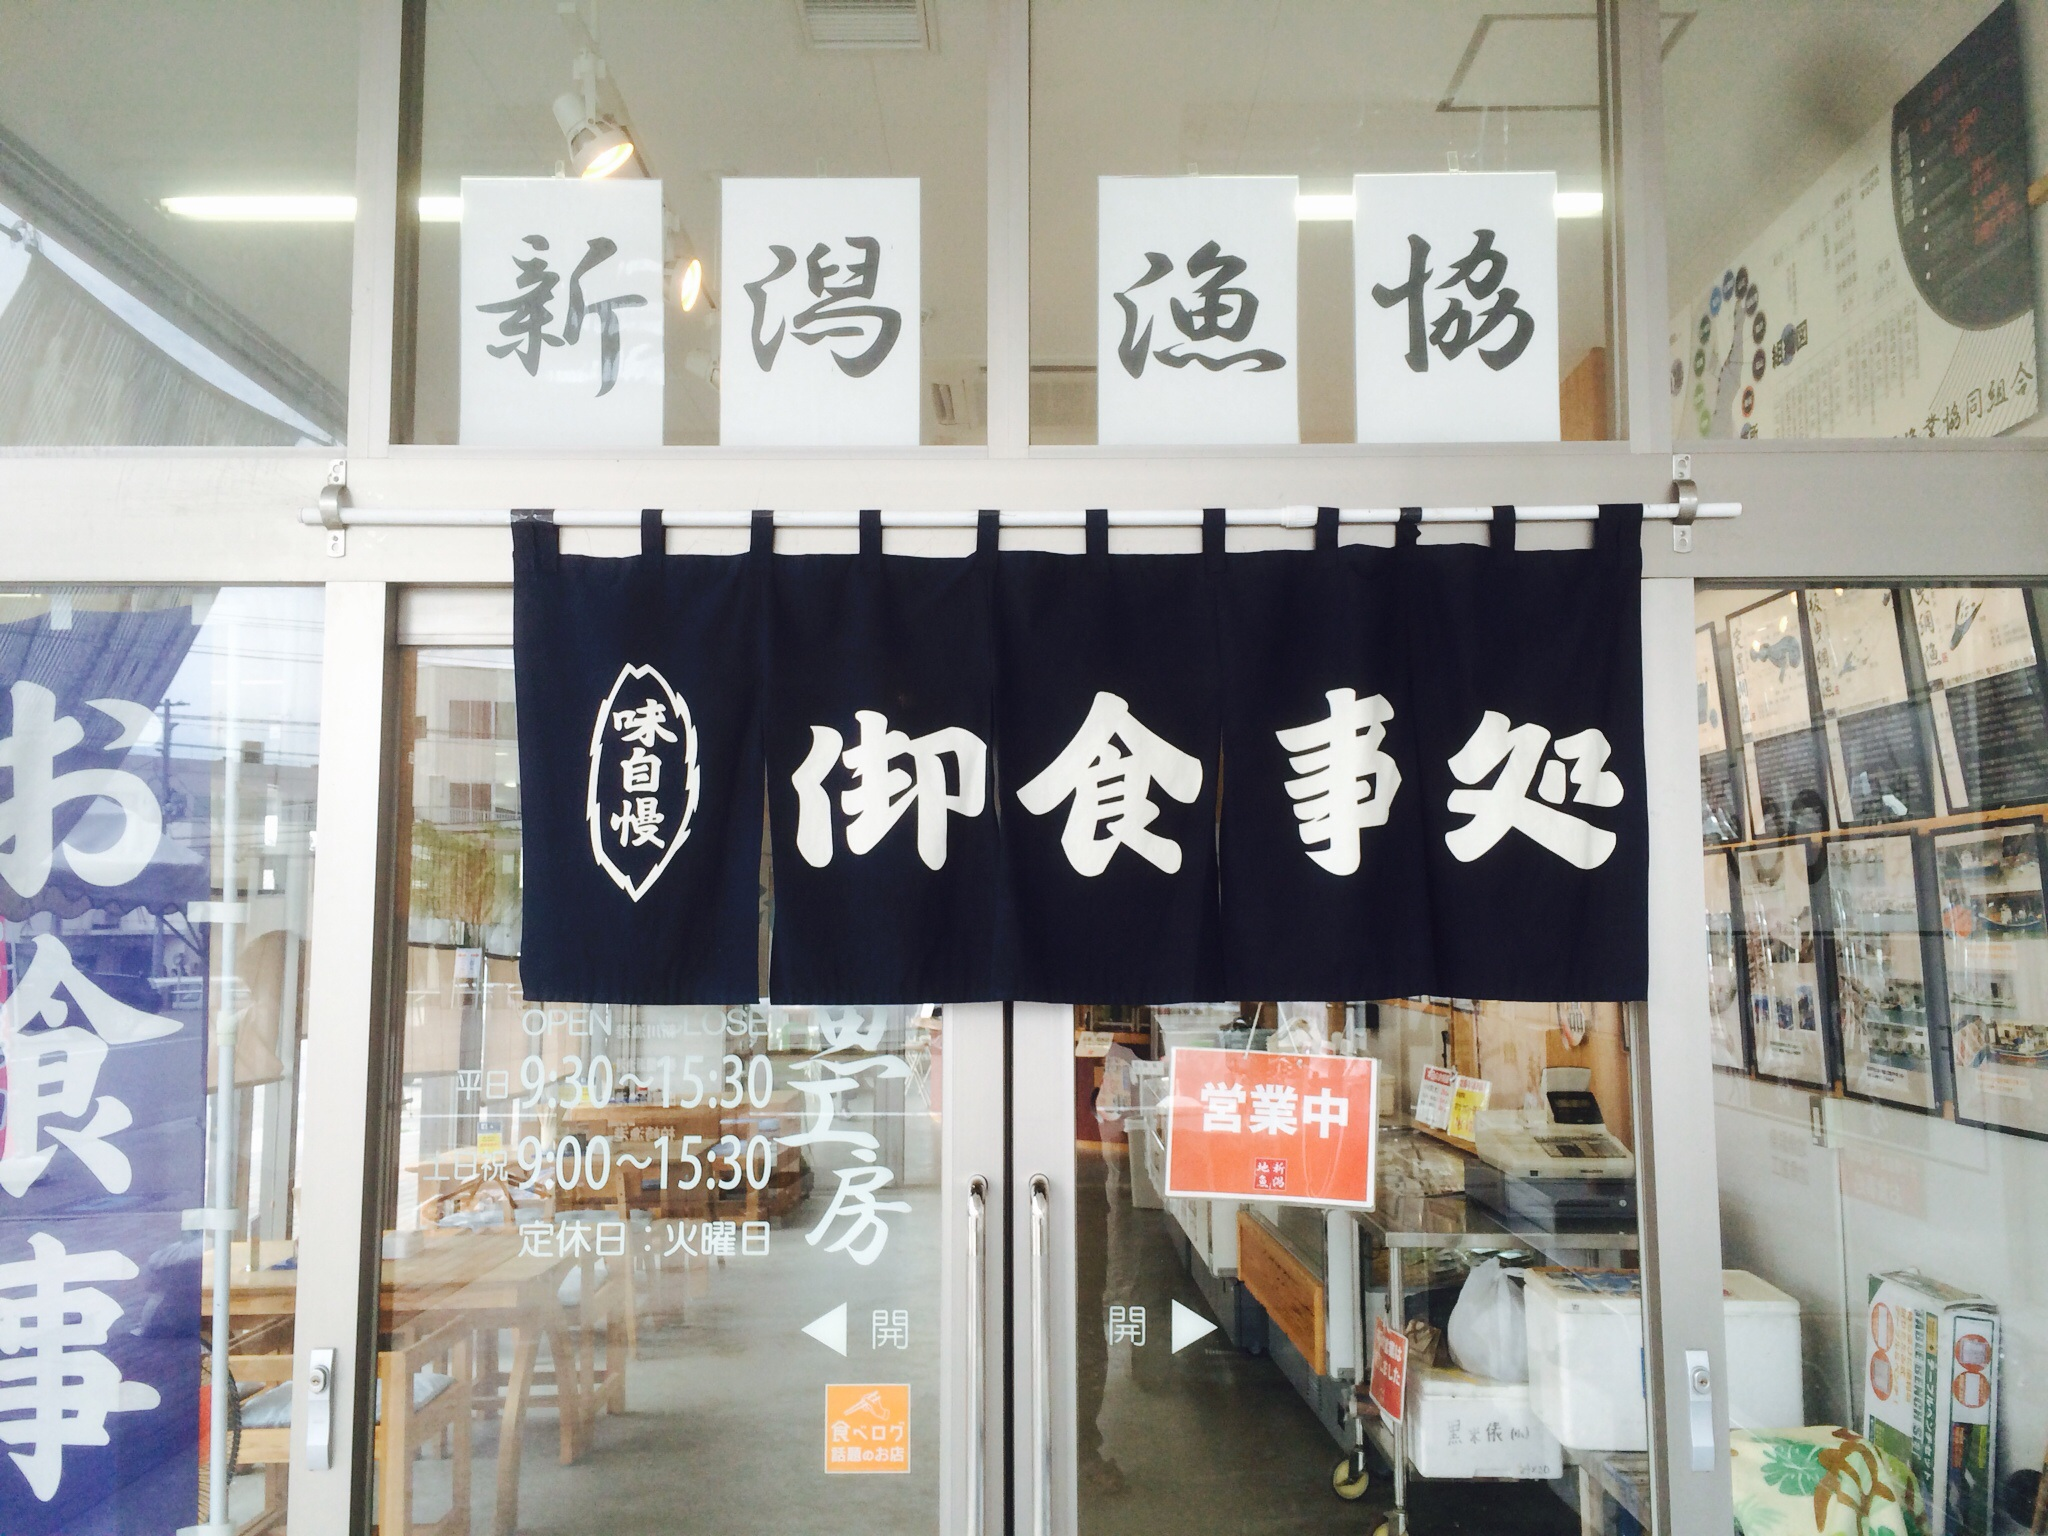 新潟漁協の海鮮丼が530円!ピア万代の獲れたて新鮮海鮮丼を食べて来ました。